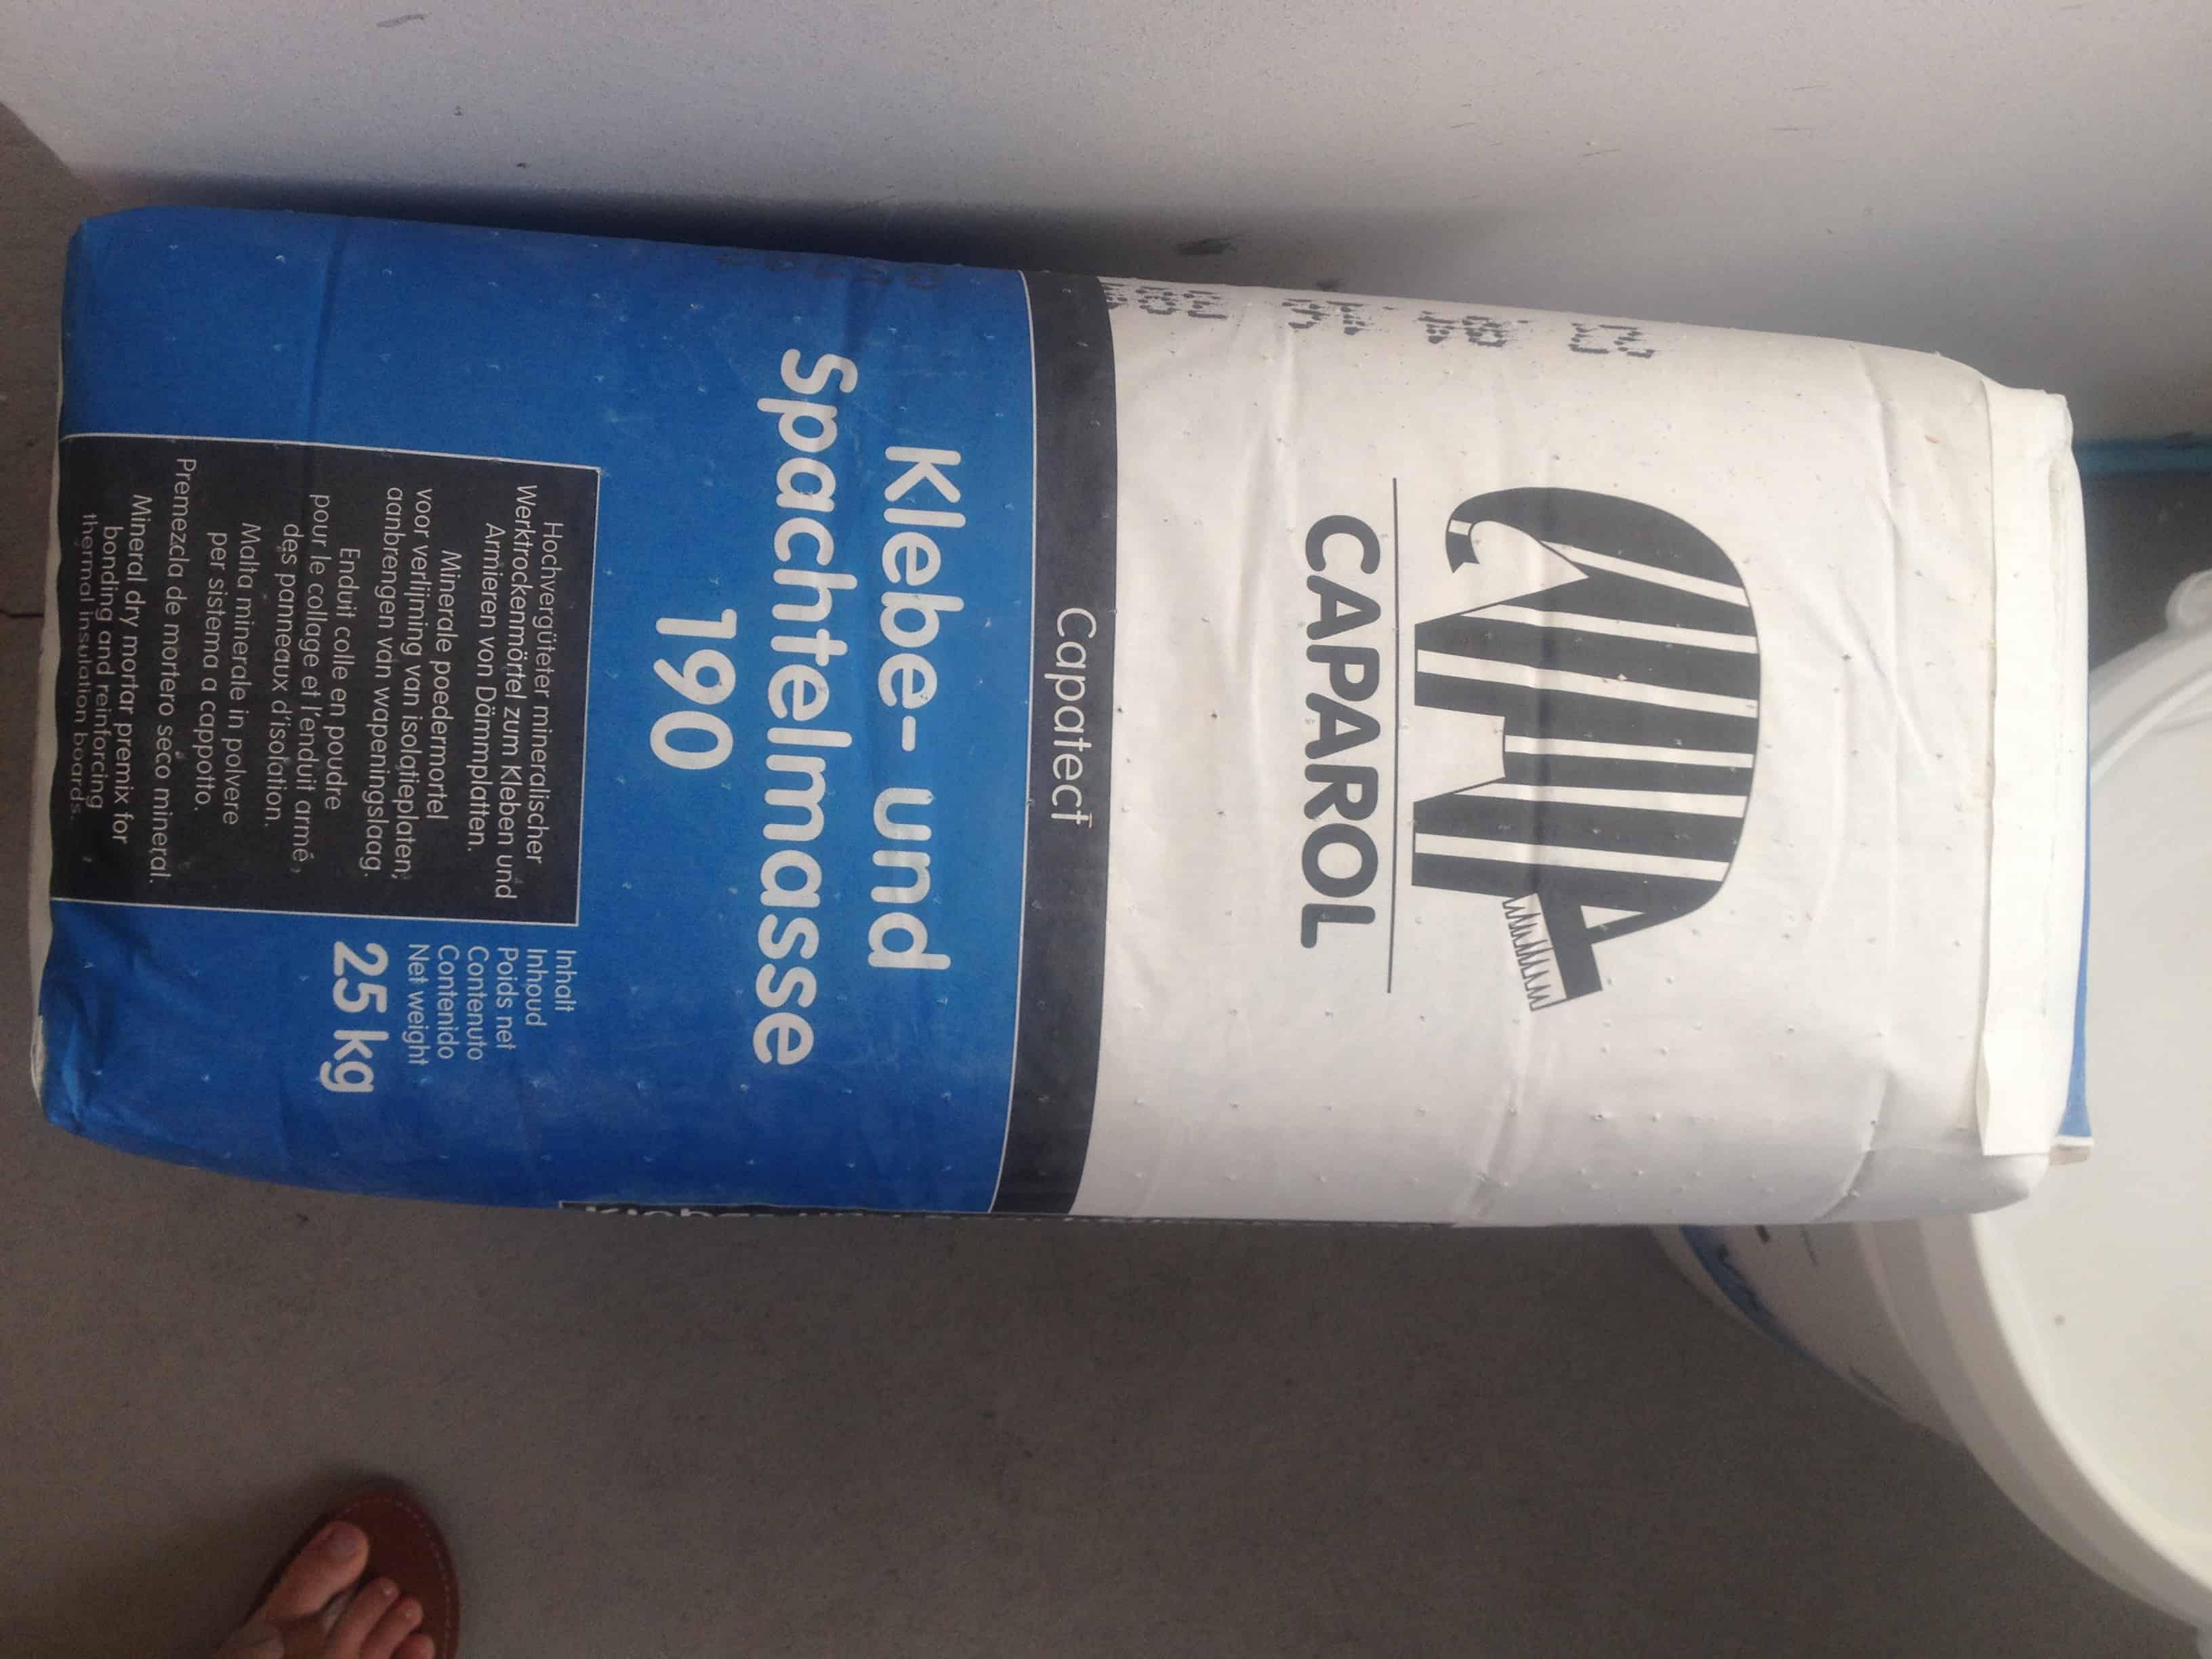 Wdvs Fassadendammplatten 160mm Der Firma Caparol Gunstig Kaufen Im